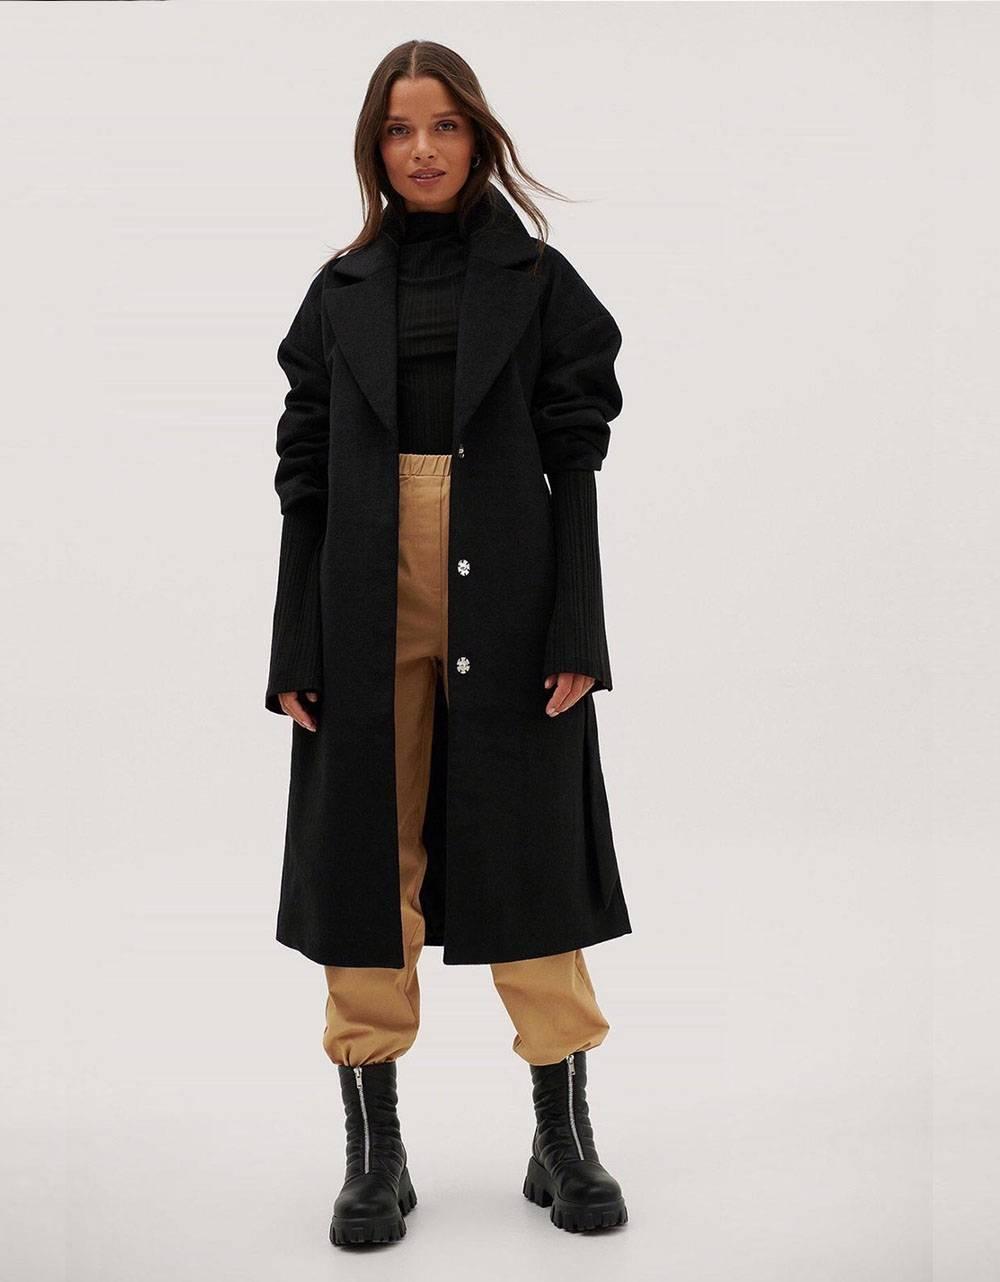 NA-KD ruched wide belt wool coat - black NA-KD Coat 110,66€